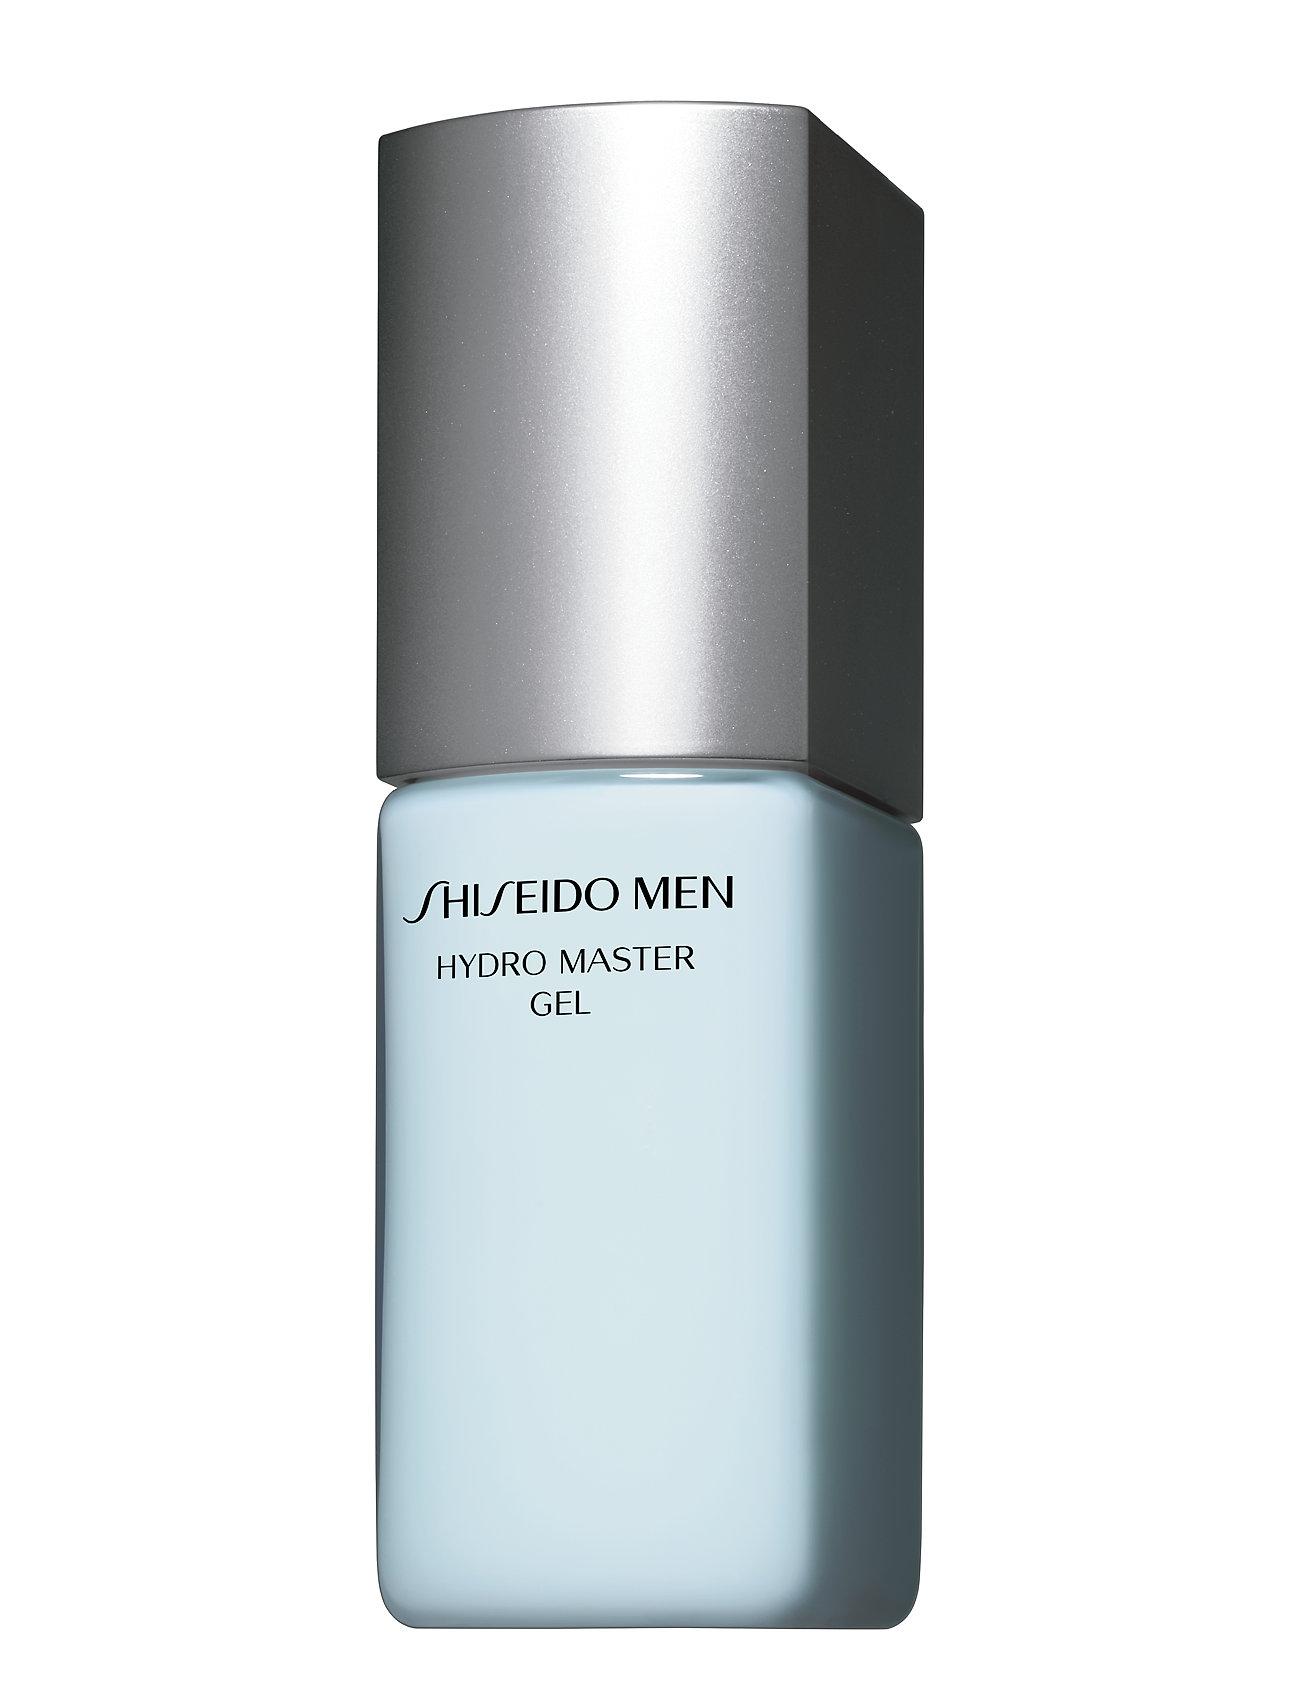 shiseido Shiseido men hydro master gel fra boozt.com dk